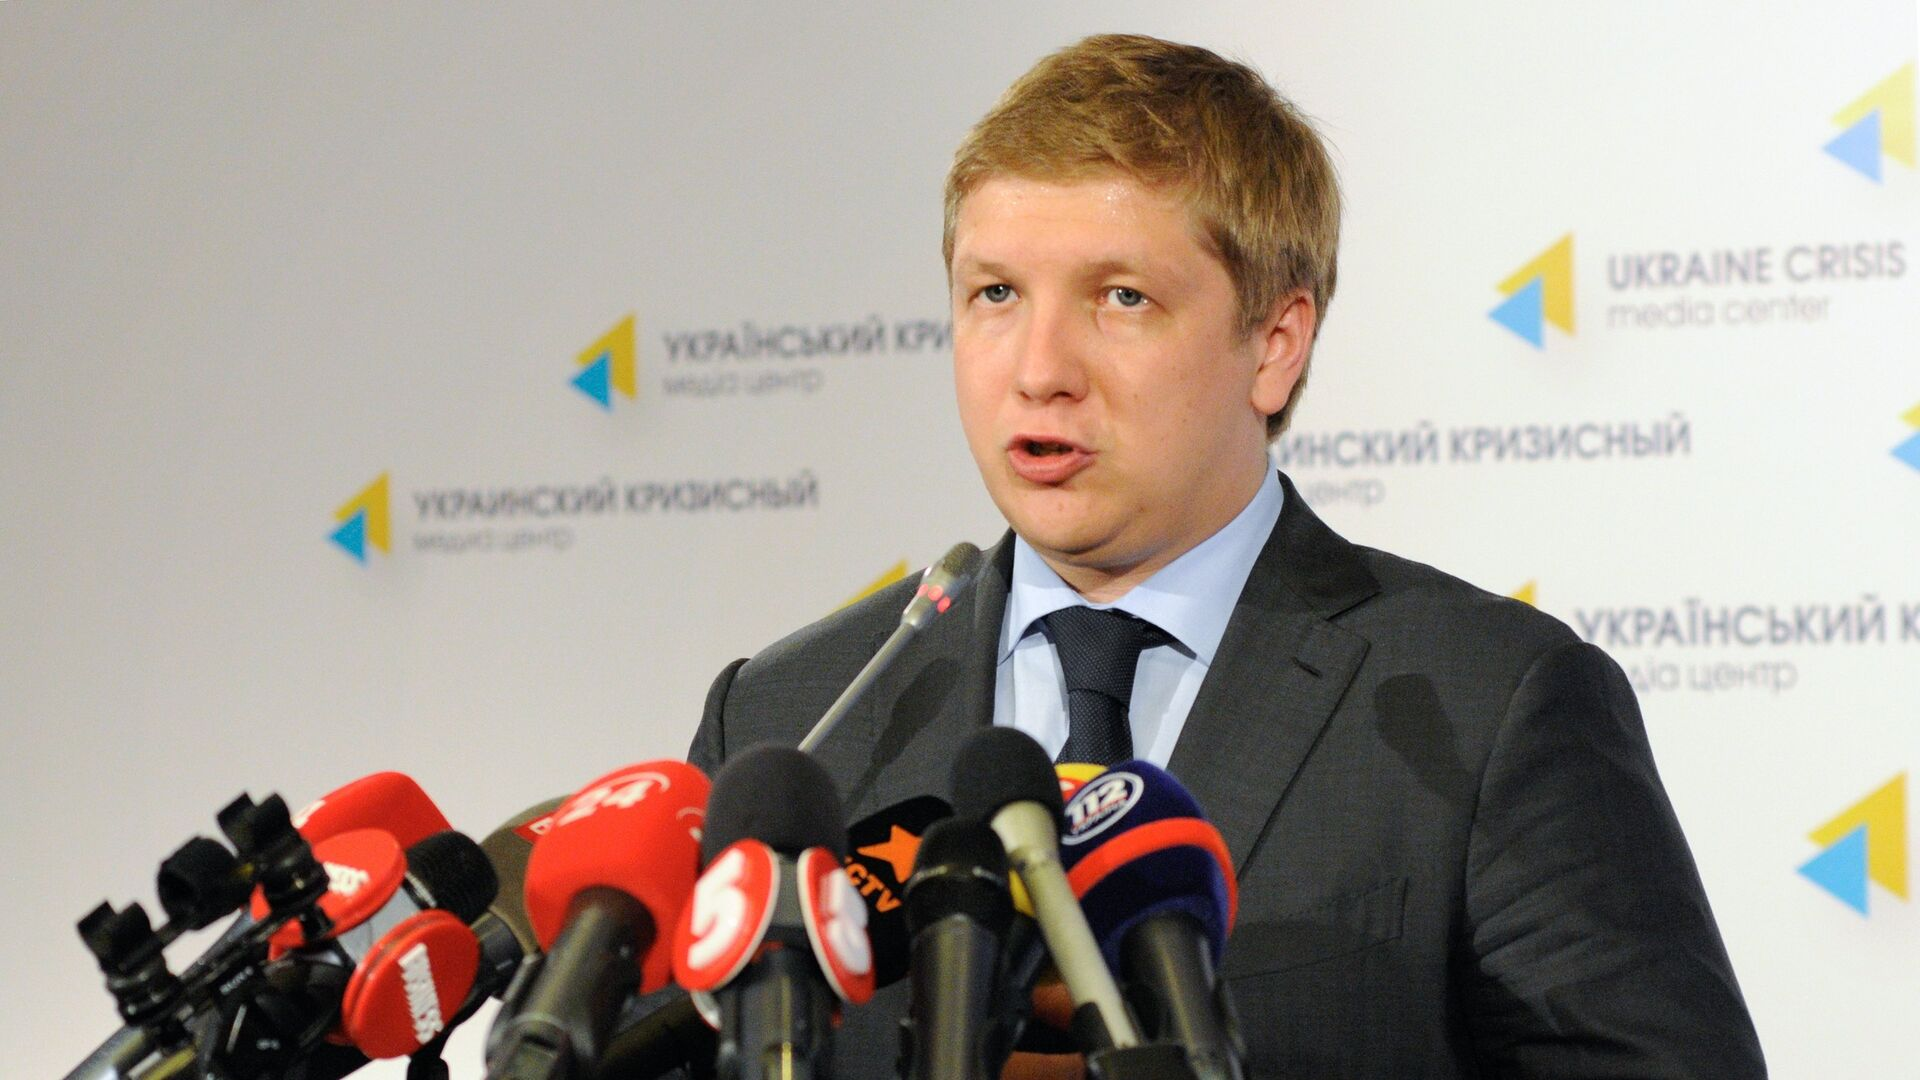 Председатель правления НАК Нафтогаз Украины Андрей Коболев - РИА Новости, 1920, 30.04.2021